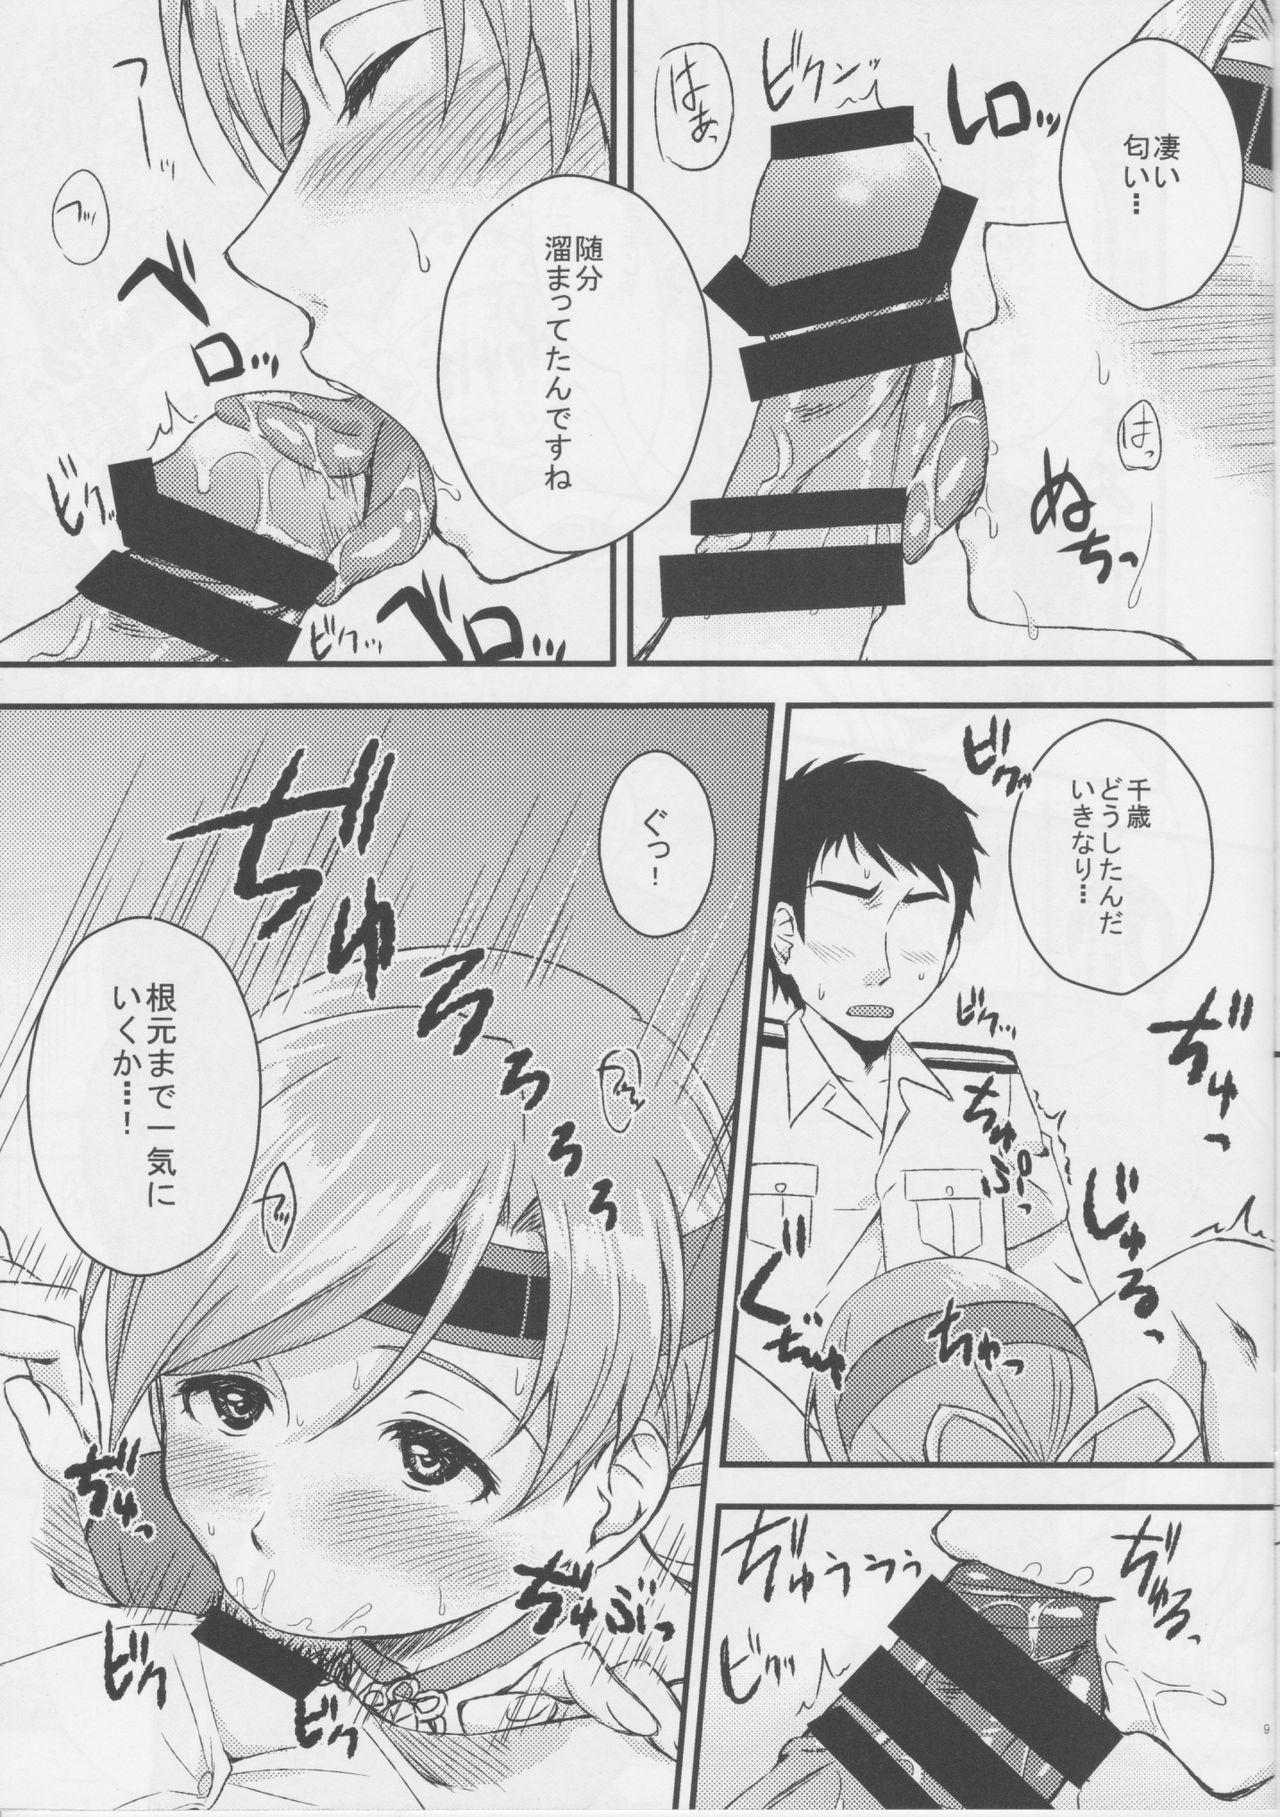 Chitose to Yasen 8